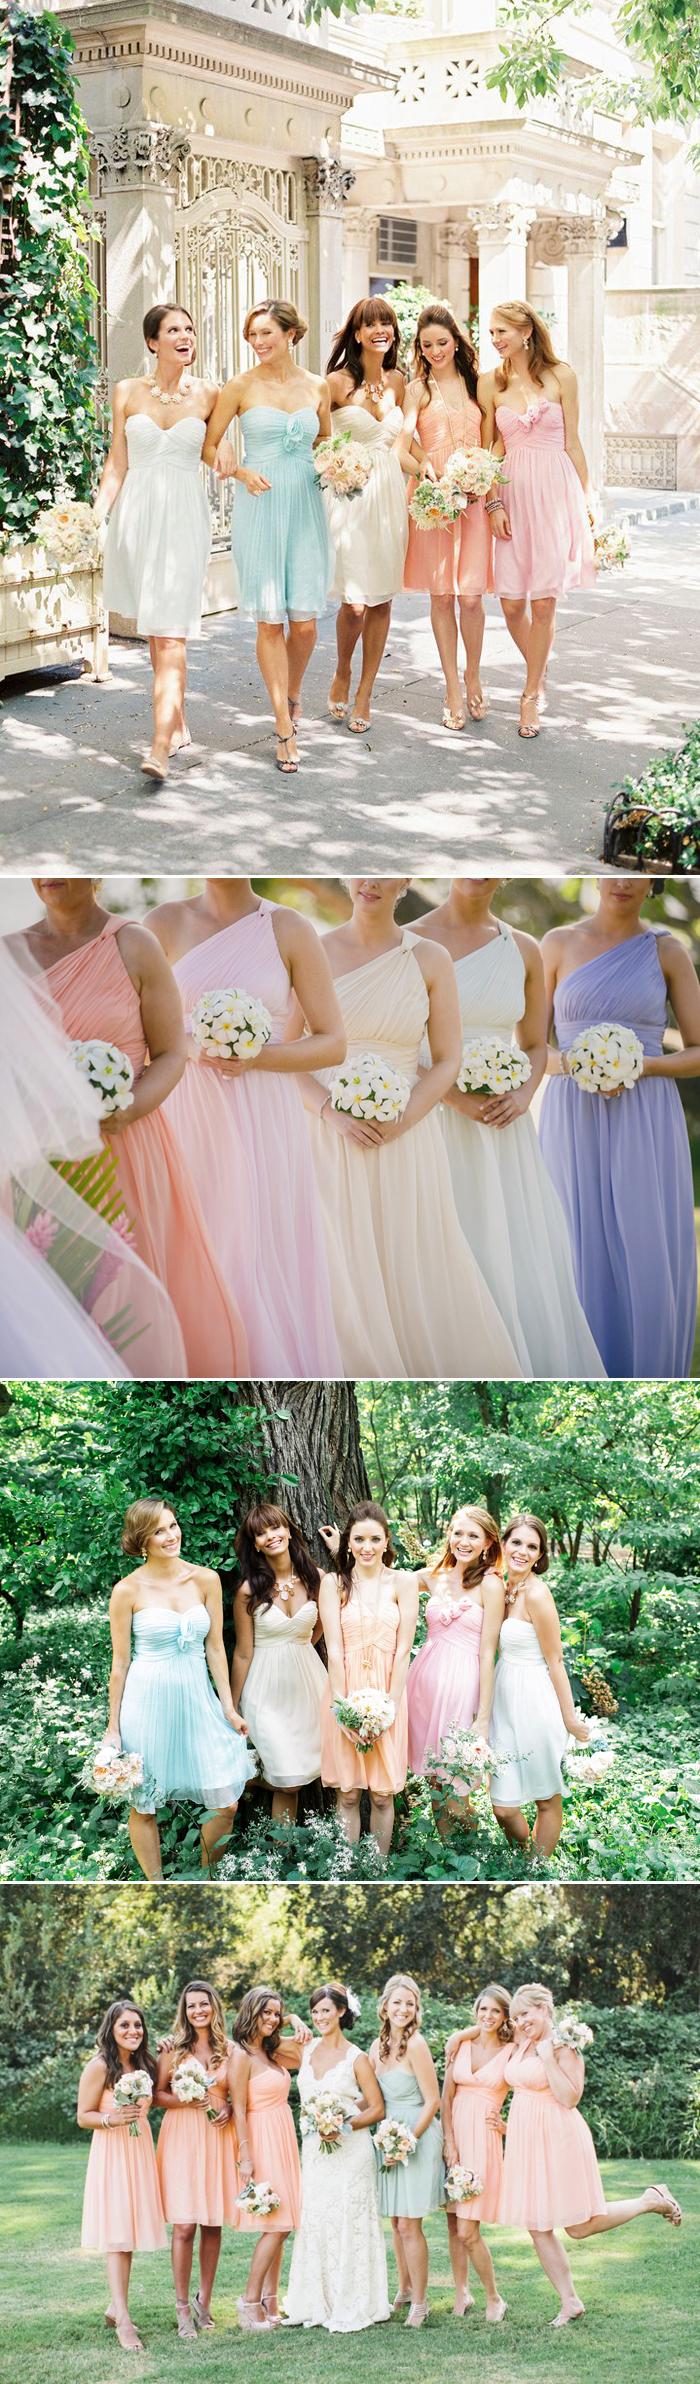 bridesmaidpopular04-pastel